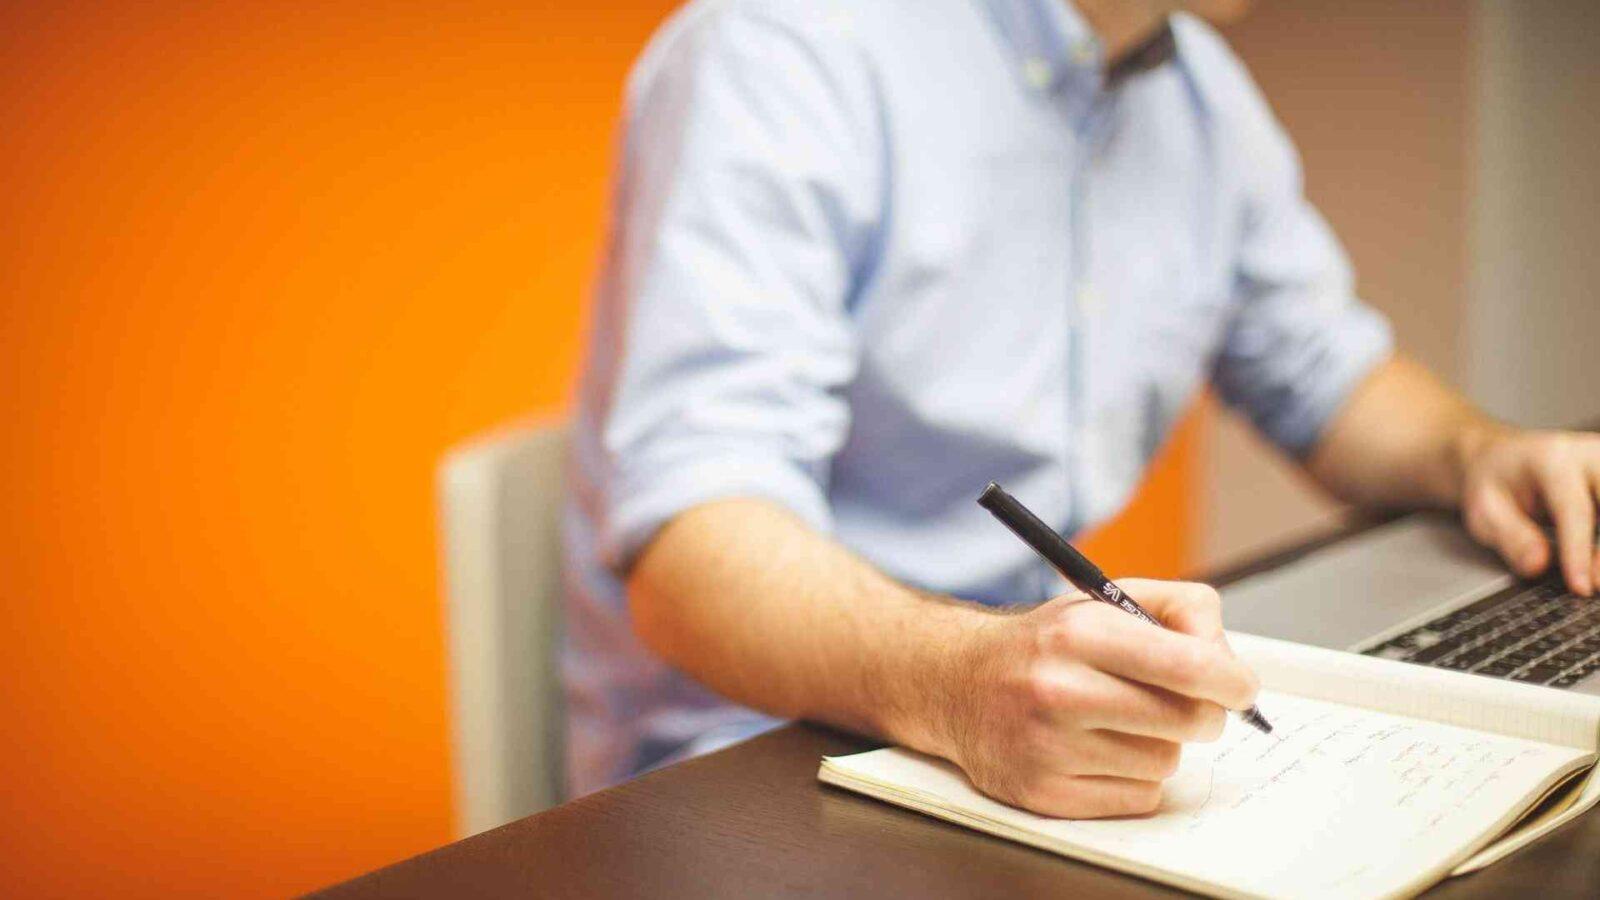 Home Office: Notlösung oder Zukunftstrend?